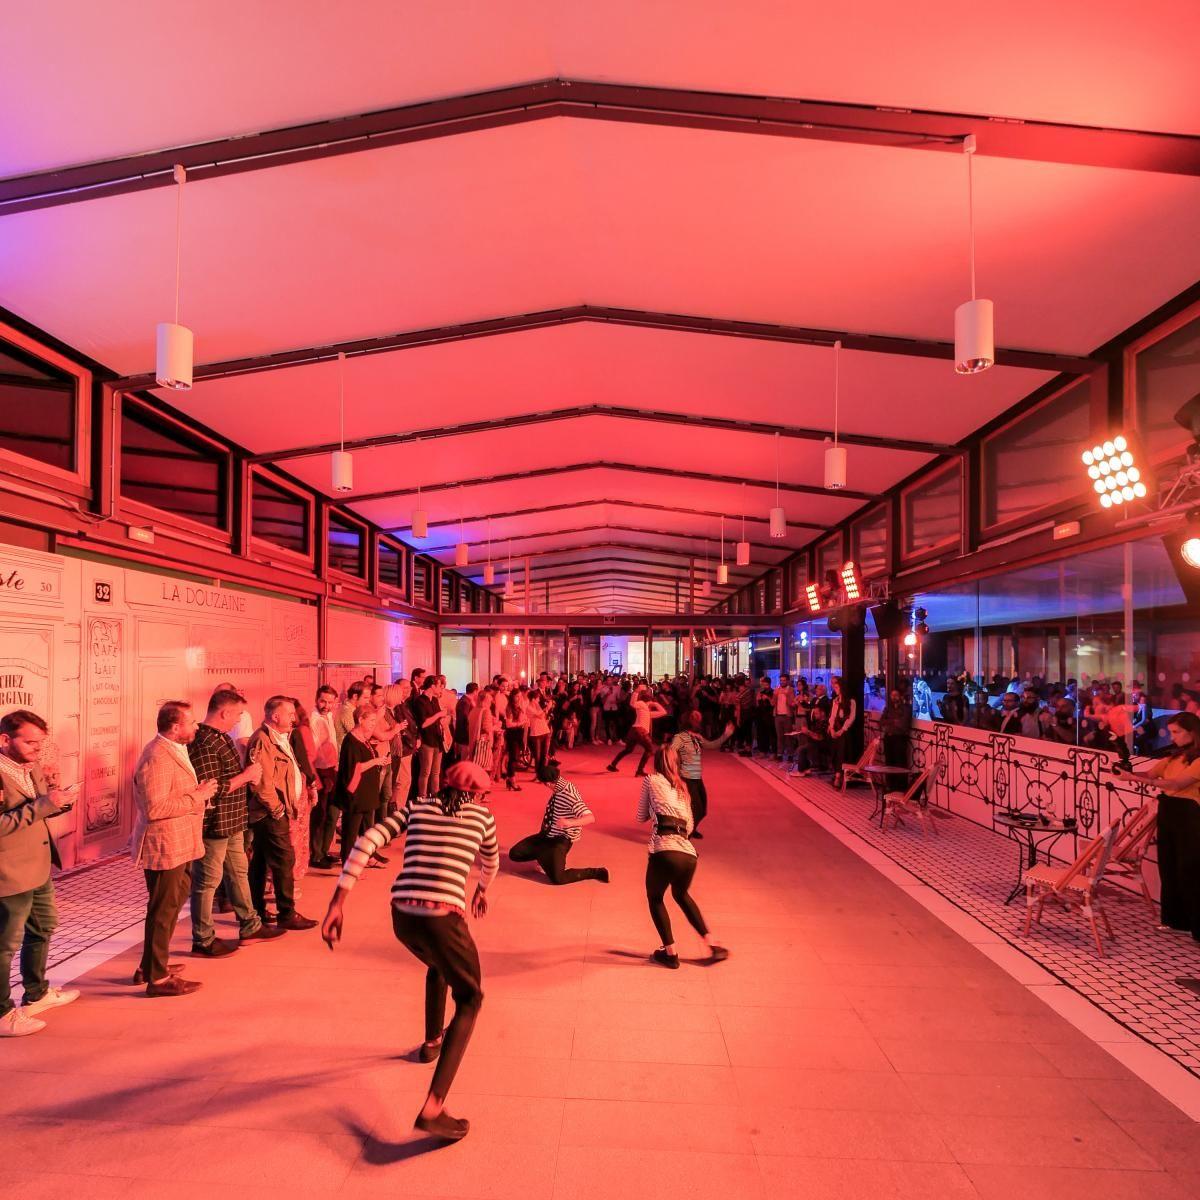 Empresas: GROHE recrea en el COAM el lado más vanguardista de París para inaugurar su nuevo showroom | Autor del artículo: Finanzas.com